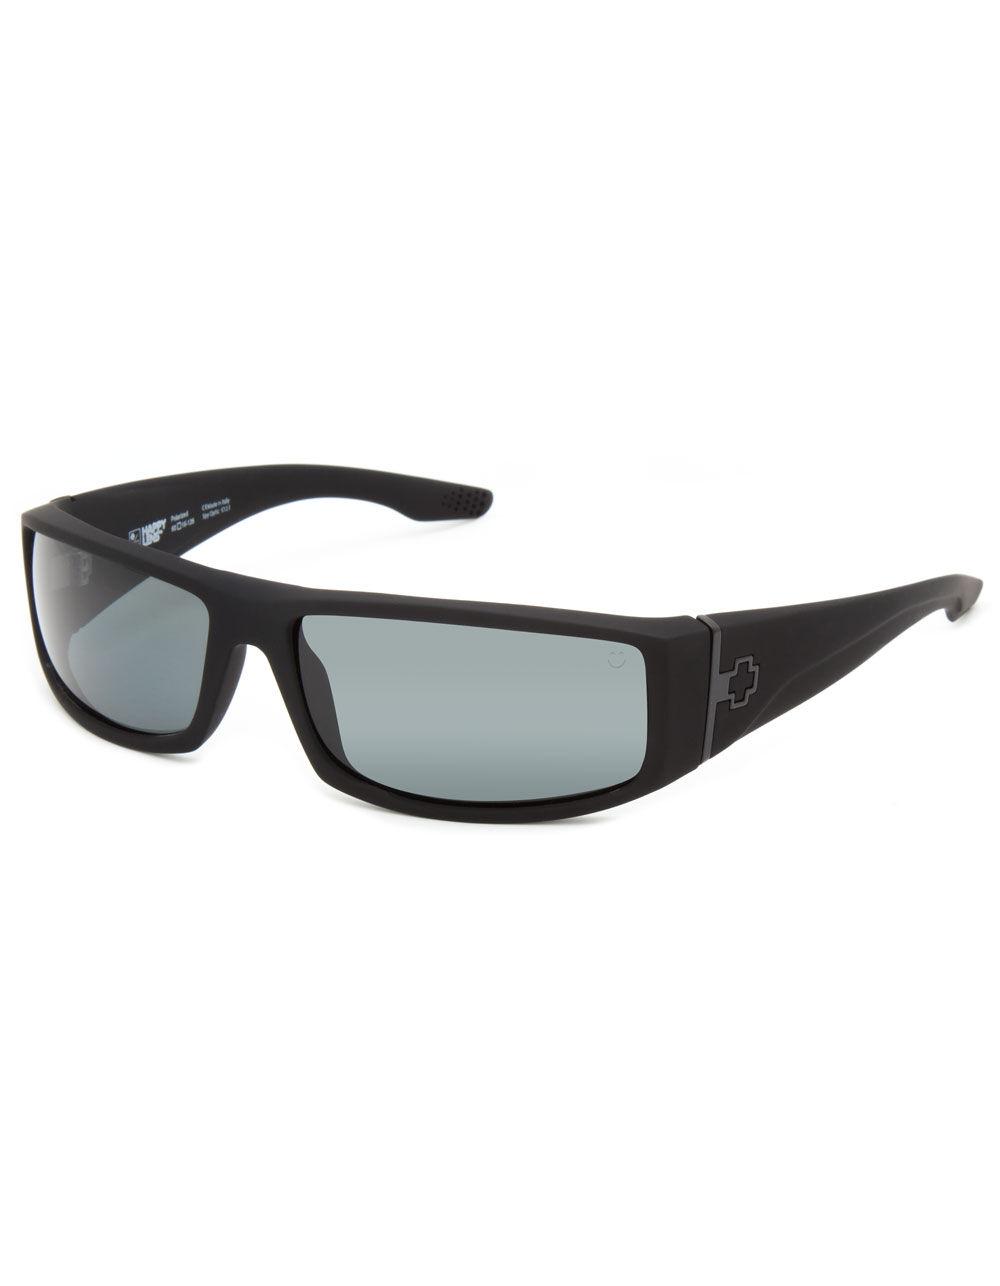 SPY Happy Lens Cooper Polarized Sunglasses